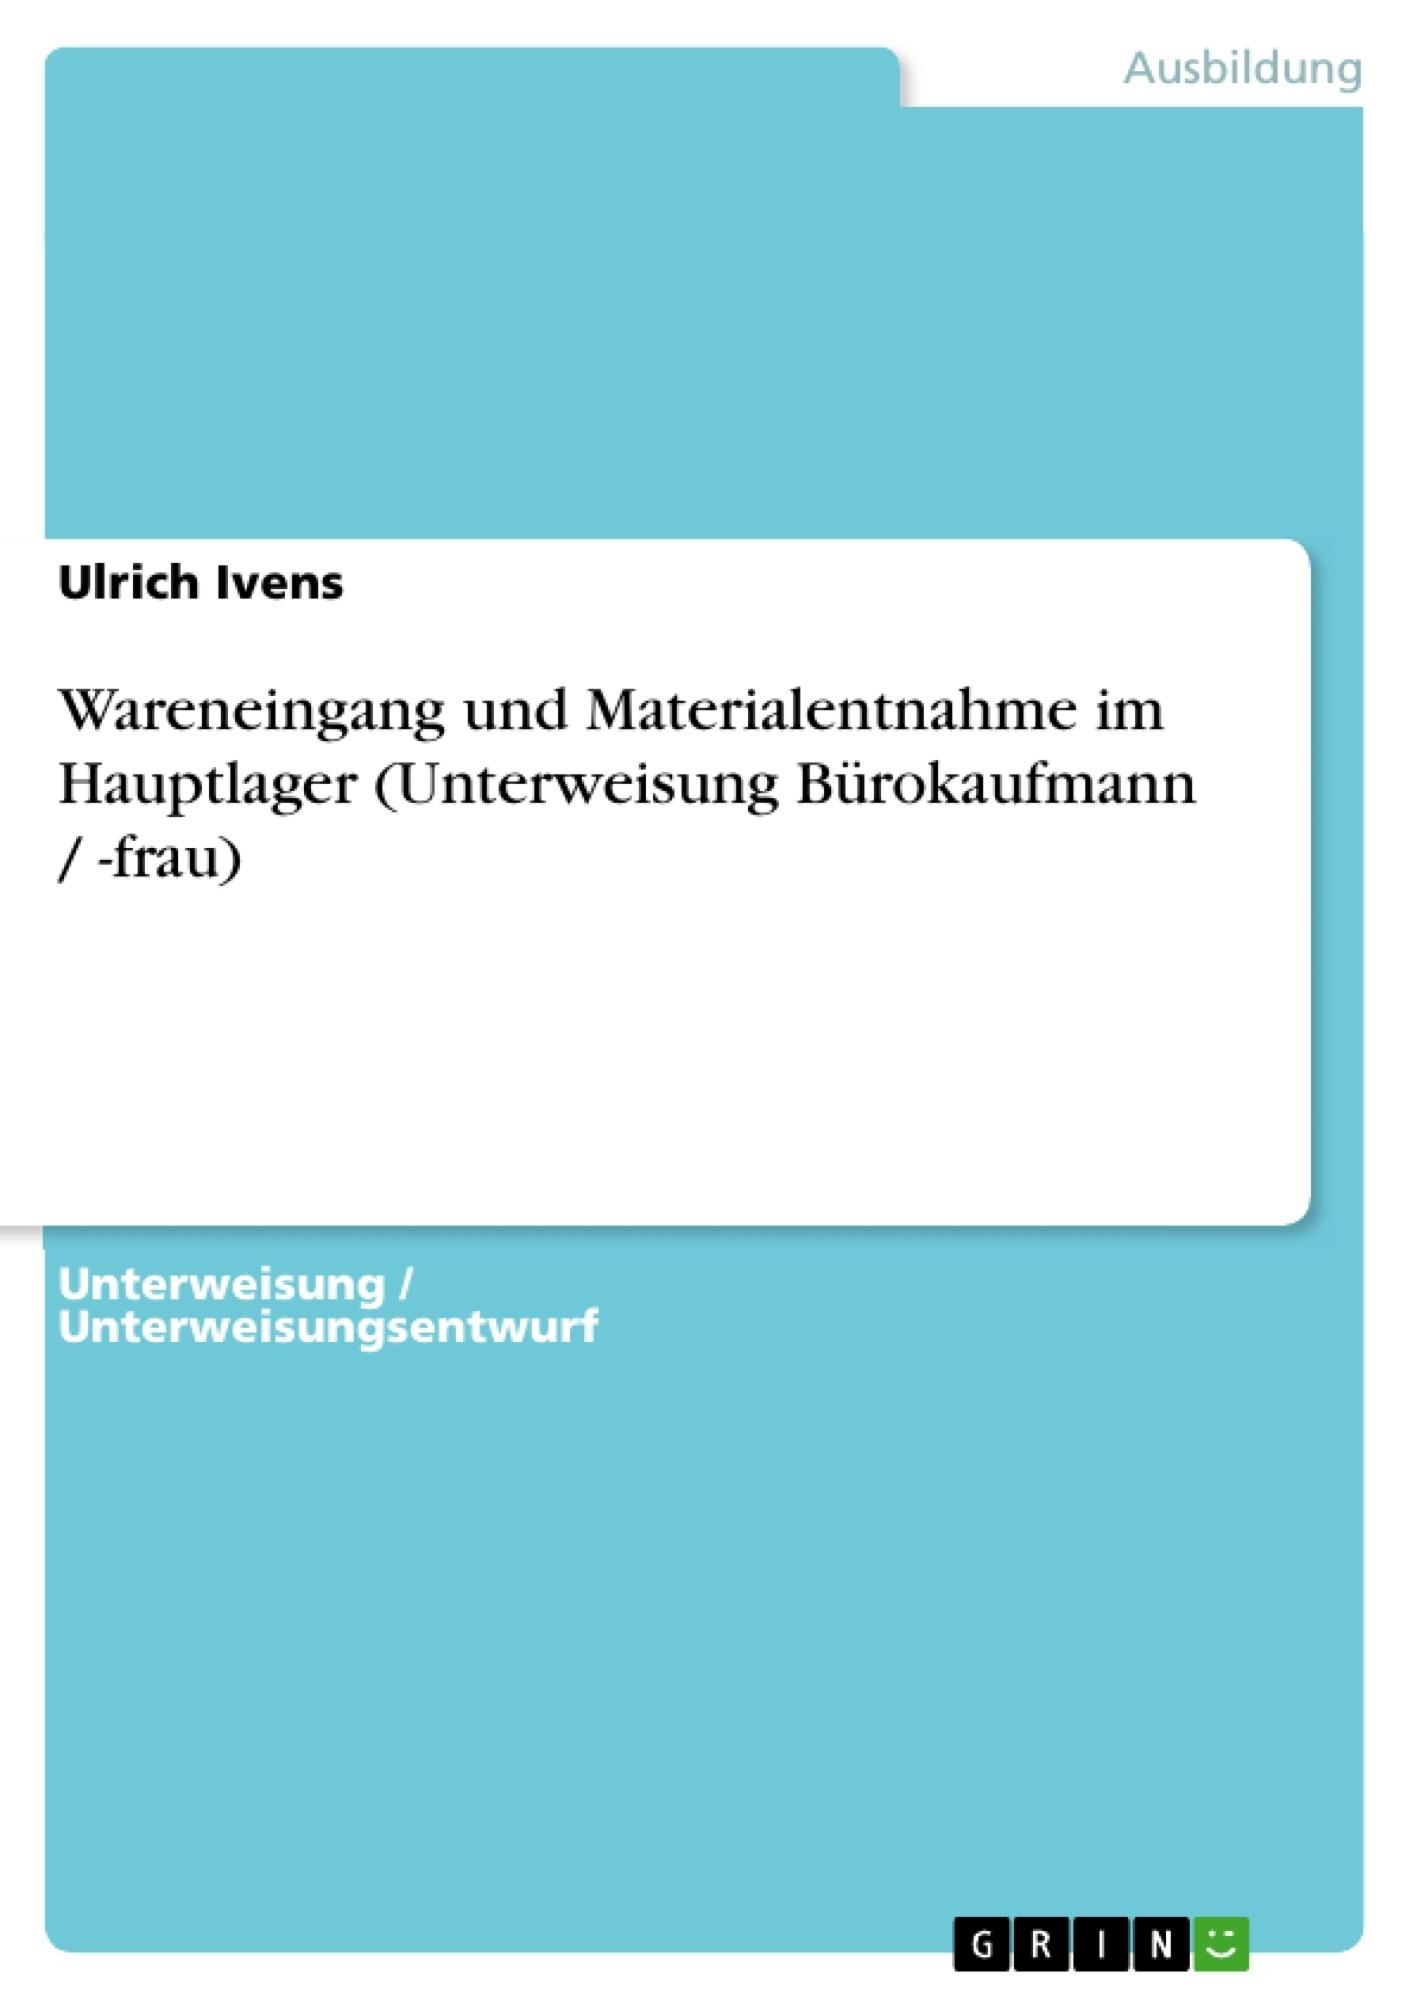 Titel: Wareneingang und Materialentnahme im Hauptlager (Unterweisung Bürokaufmann / -frau)